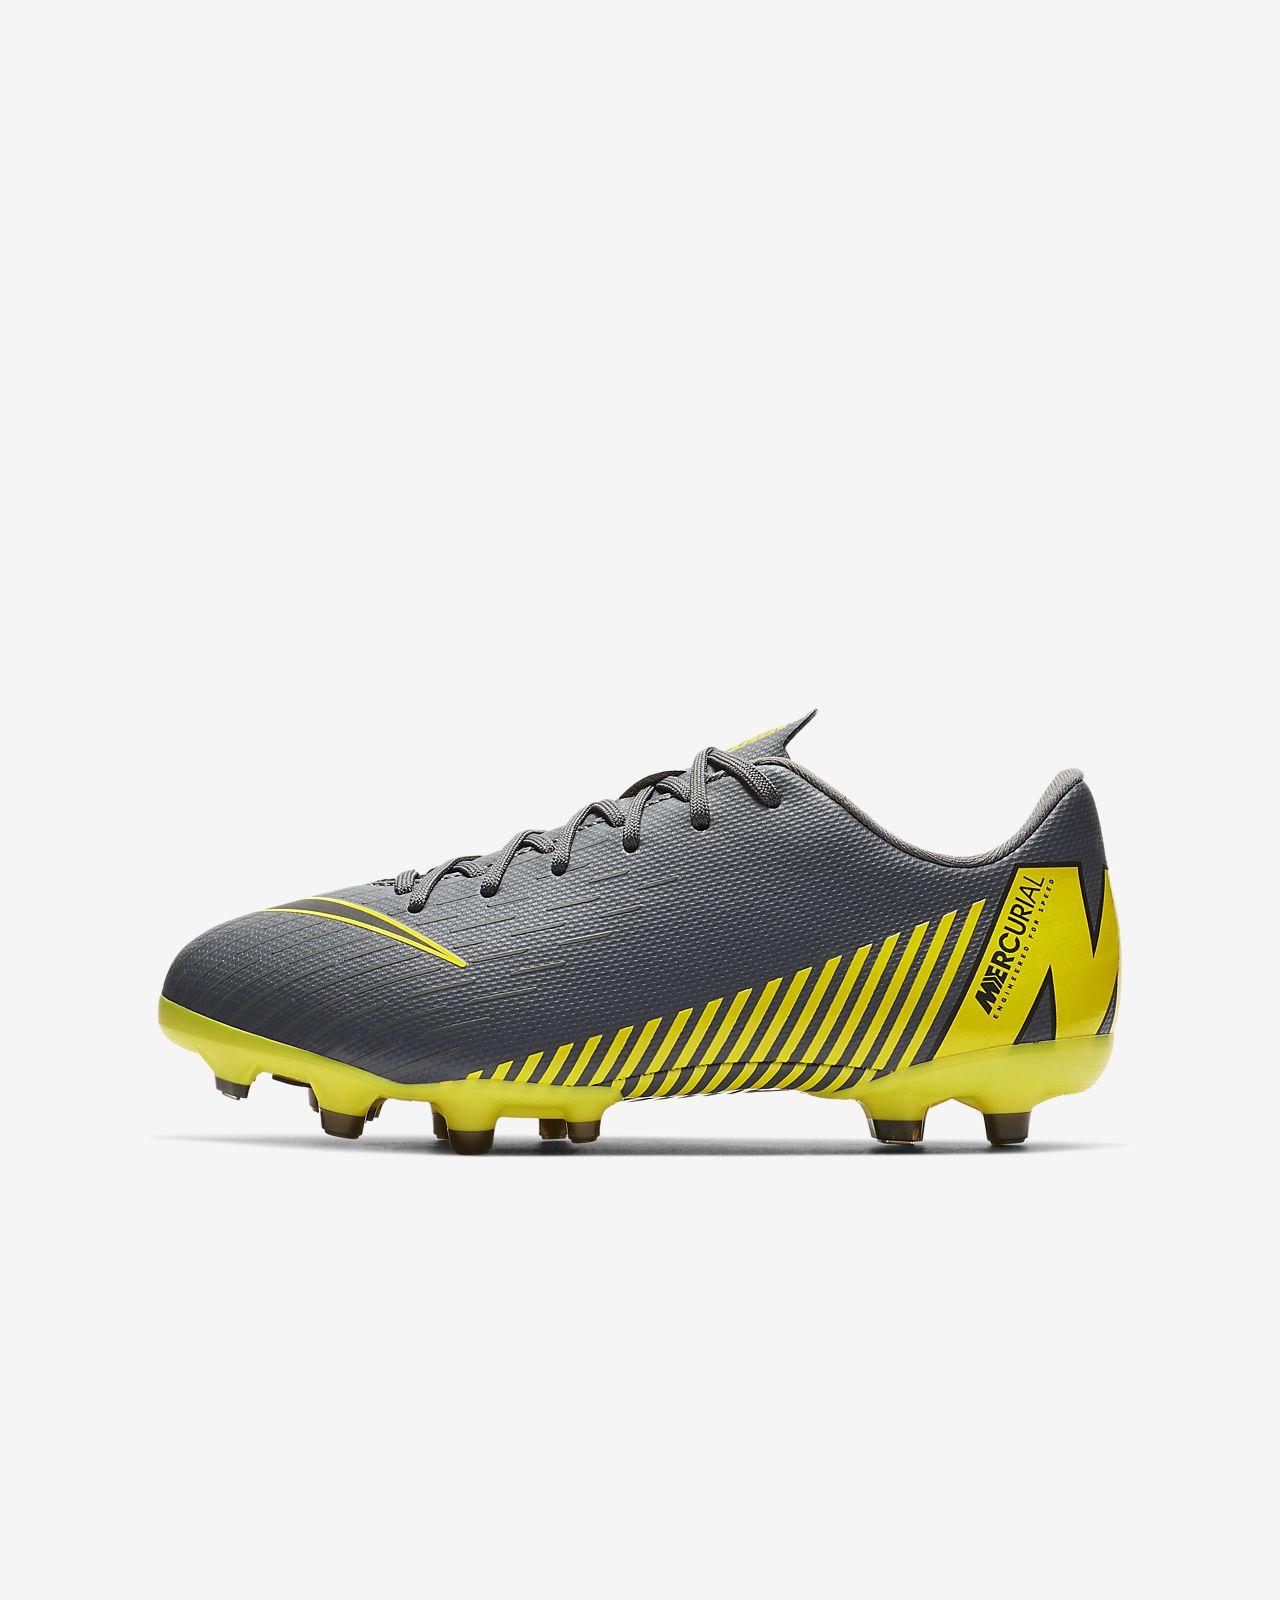 quality design 9d494 a766b ... Fotbollssko för varierat underlag Nike Jr. Mercurial Vapor XII Academy  för barn ungdom